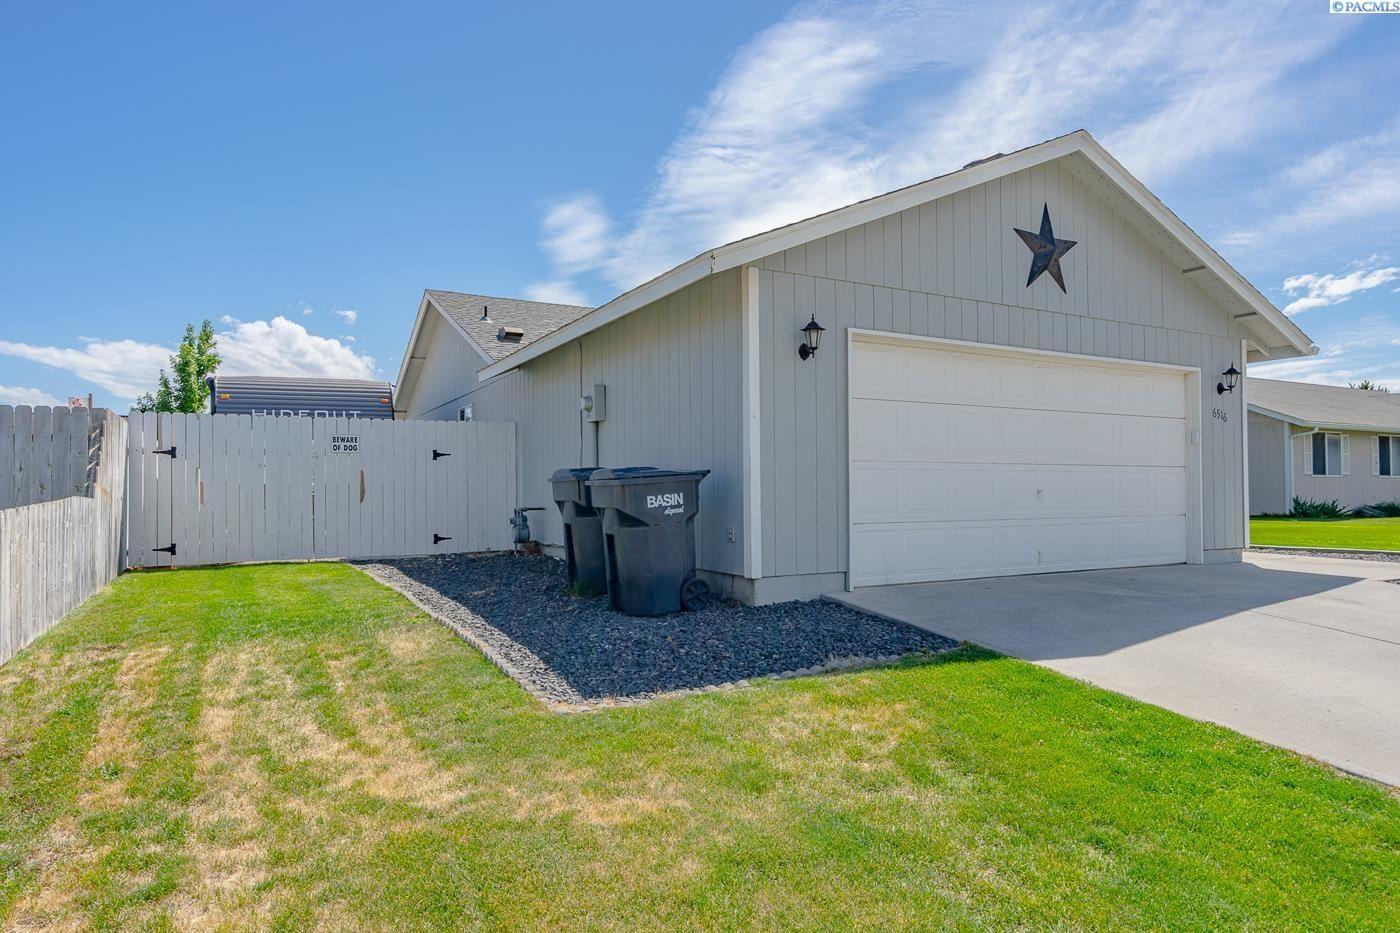 Photo of 6516 Fenway Drive, Pasco, WA 99301 (MLS # 254385)